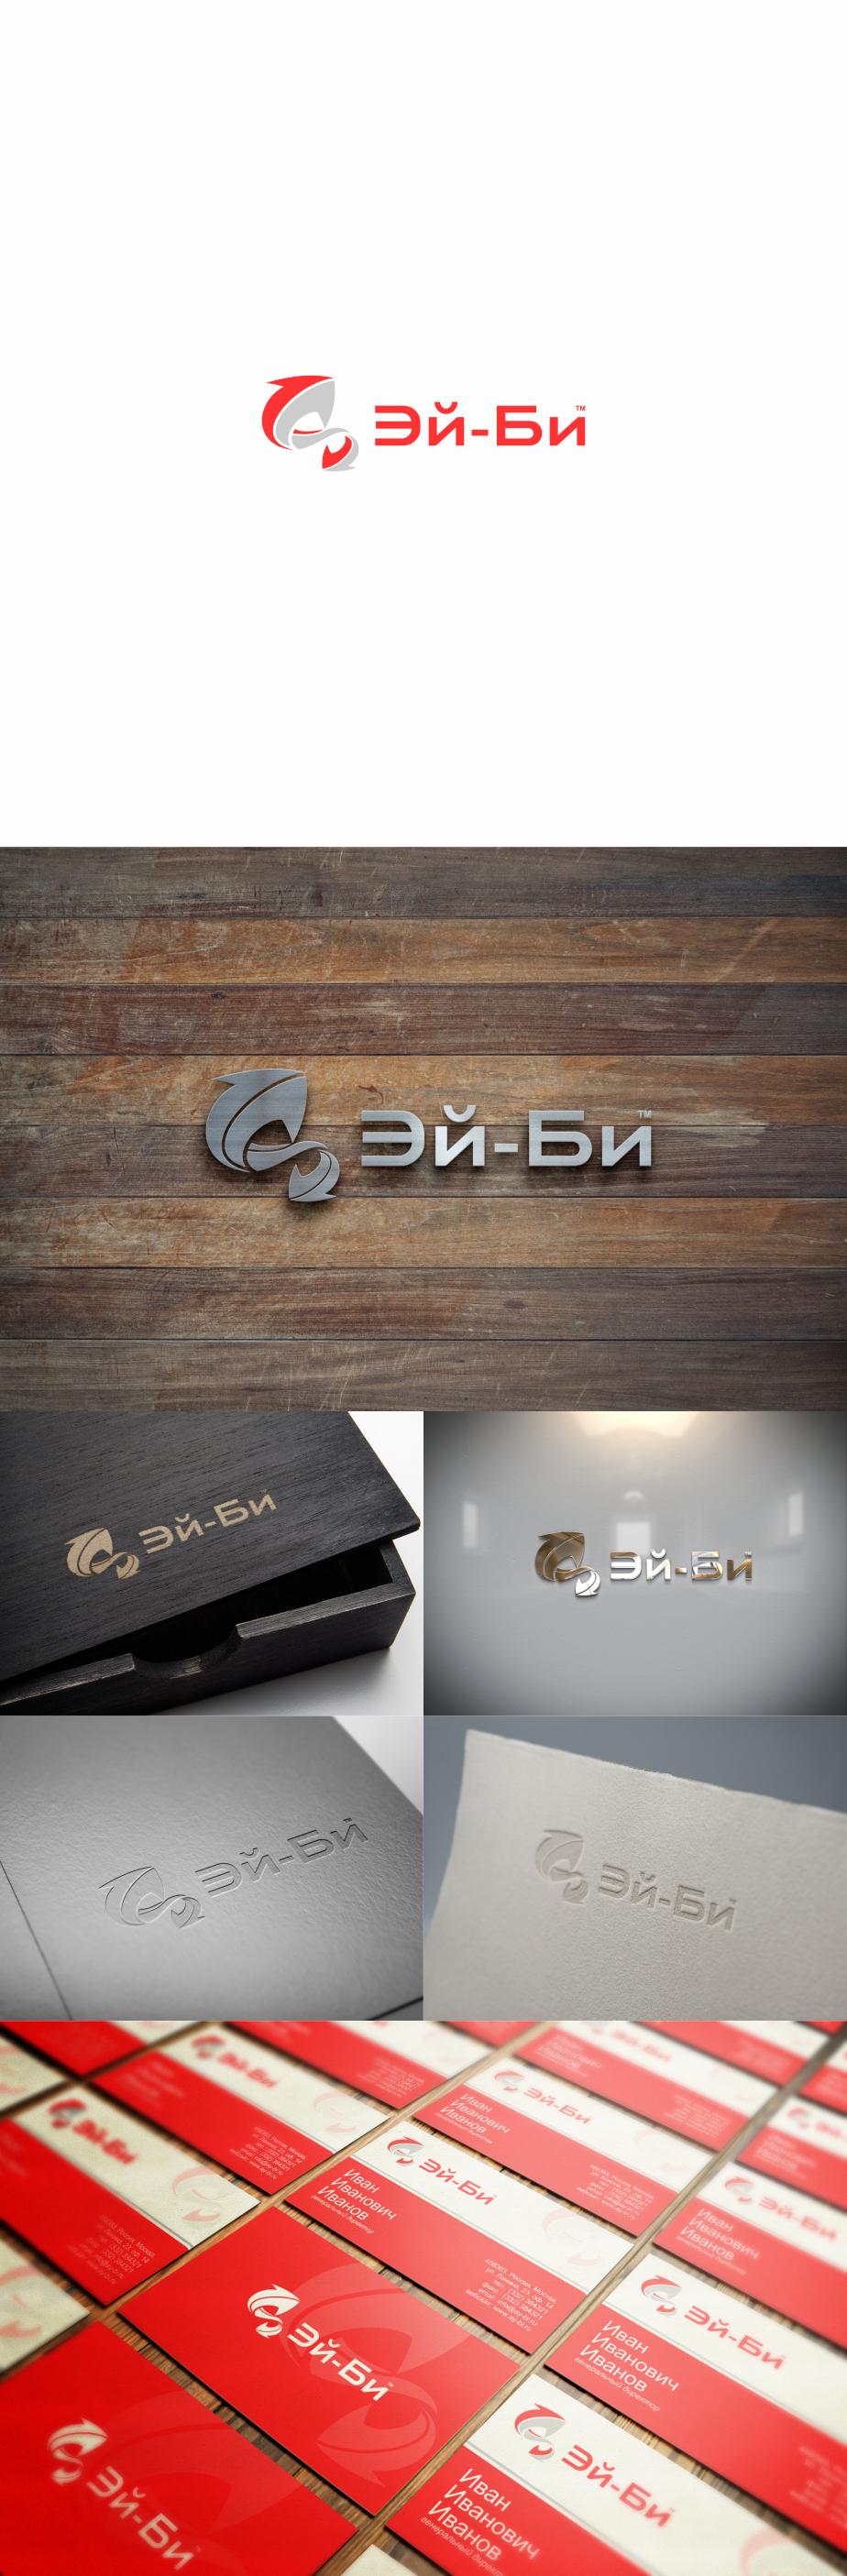 Разработка логотипа и фирменного стиля фото f_6275ce2c6cf5004a.jpg